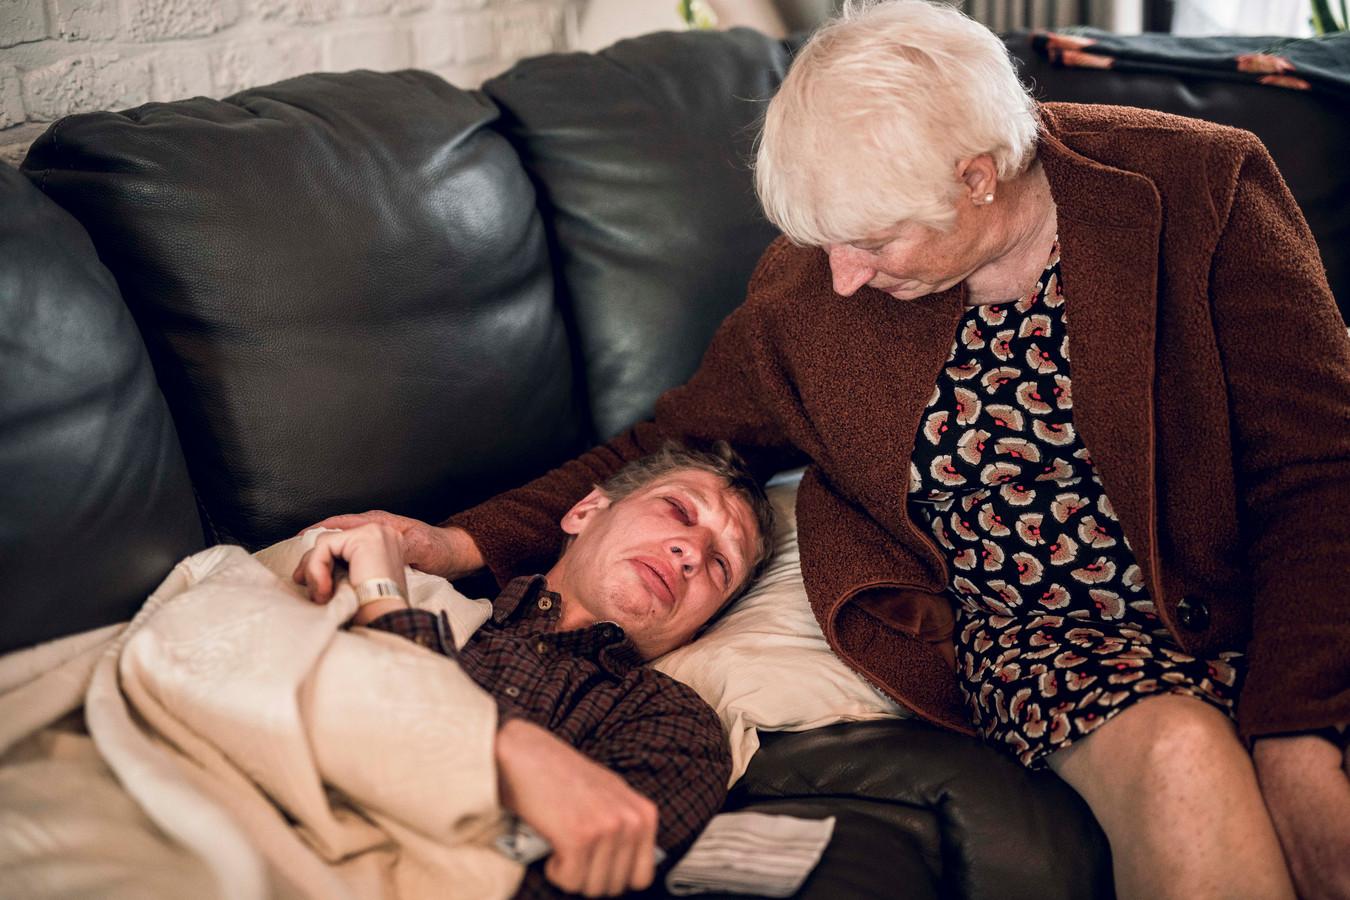 Kevin est réconforté par sa mère Paula après avoir été agressé dans un parc.